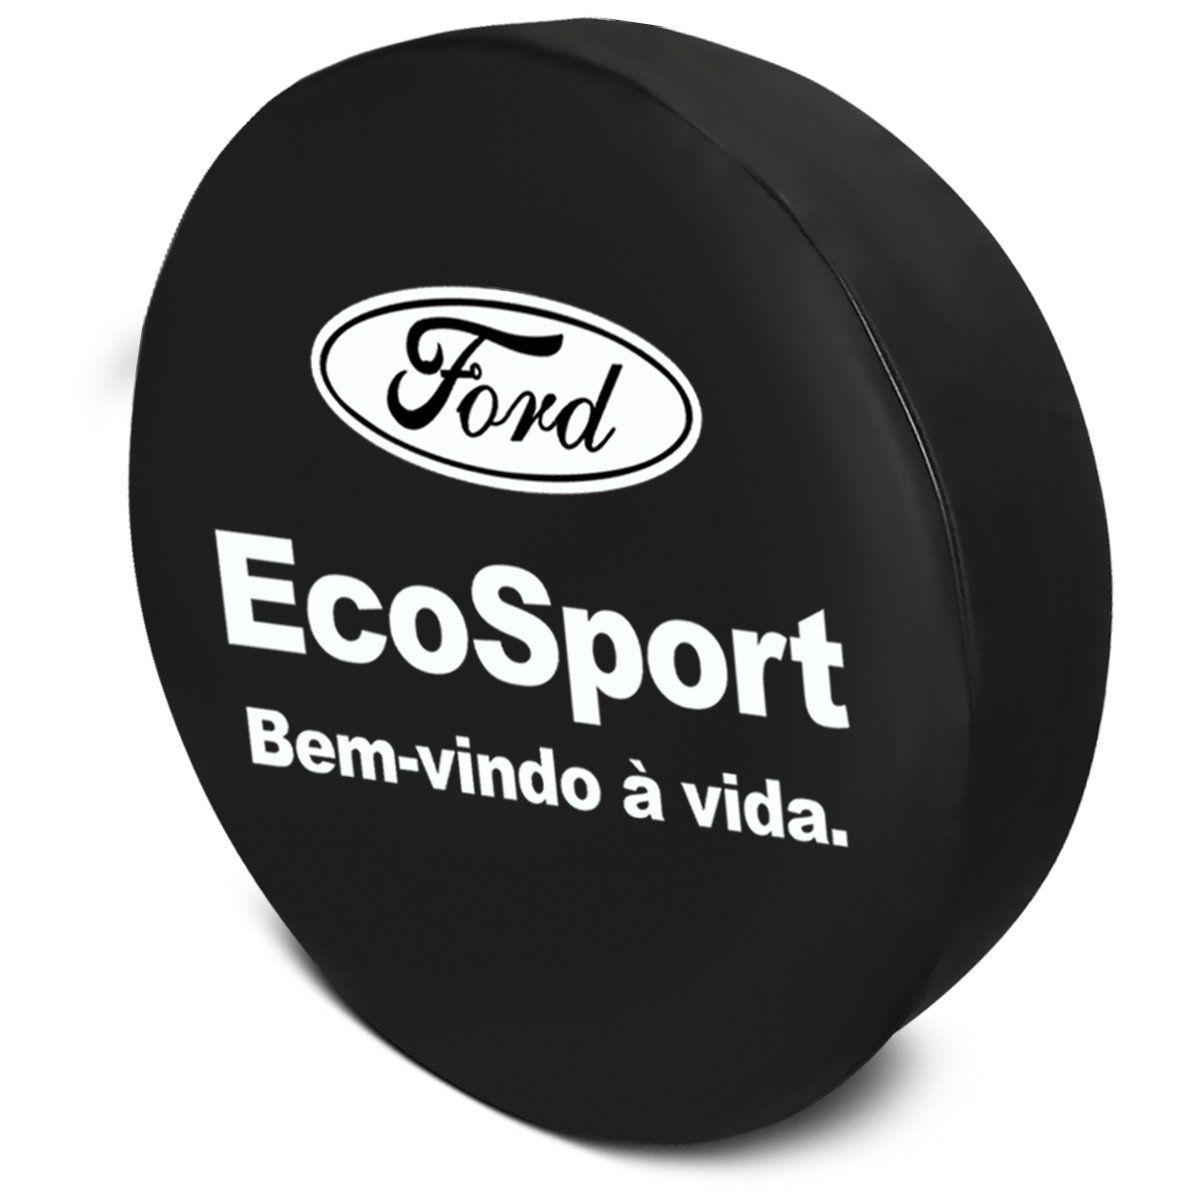 Capa Estepe Ecosport 2003 a 2019 Bem-Vindo à Vida com Cadeado